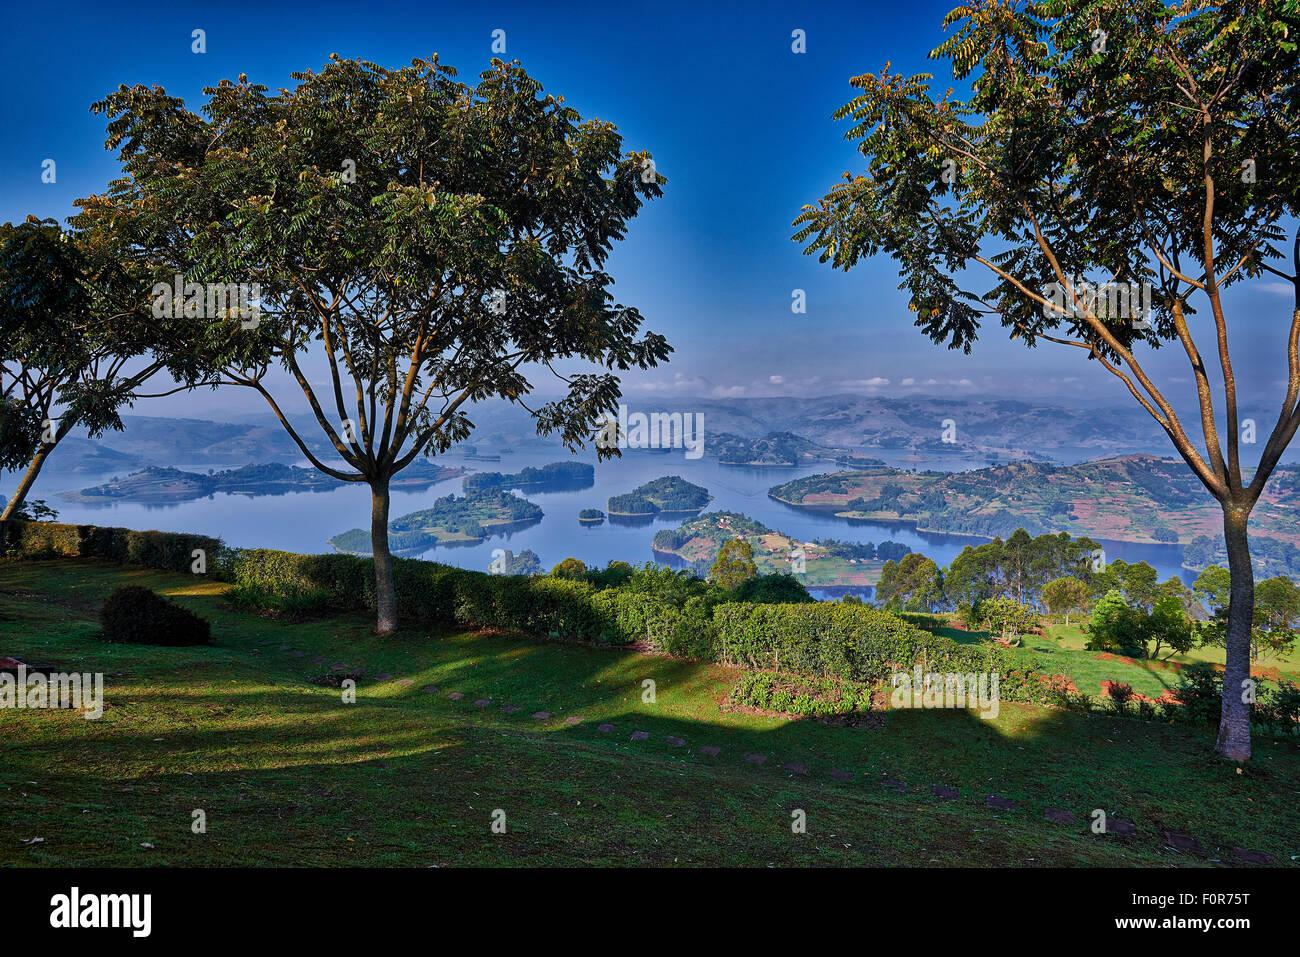 landscape of Lake Bunyonyi, Uganda, Africa - Stock Image